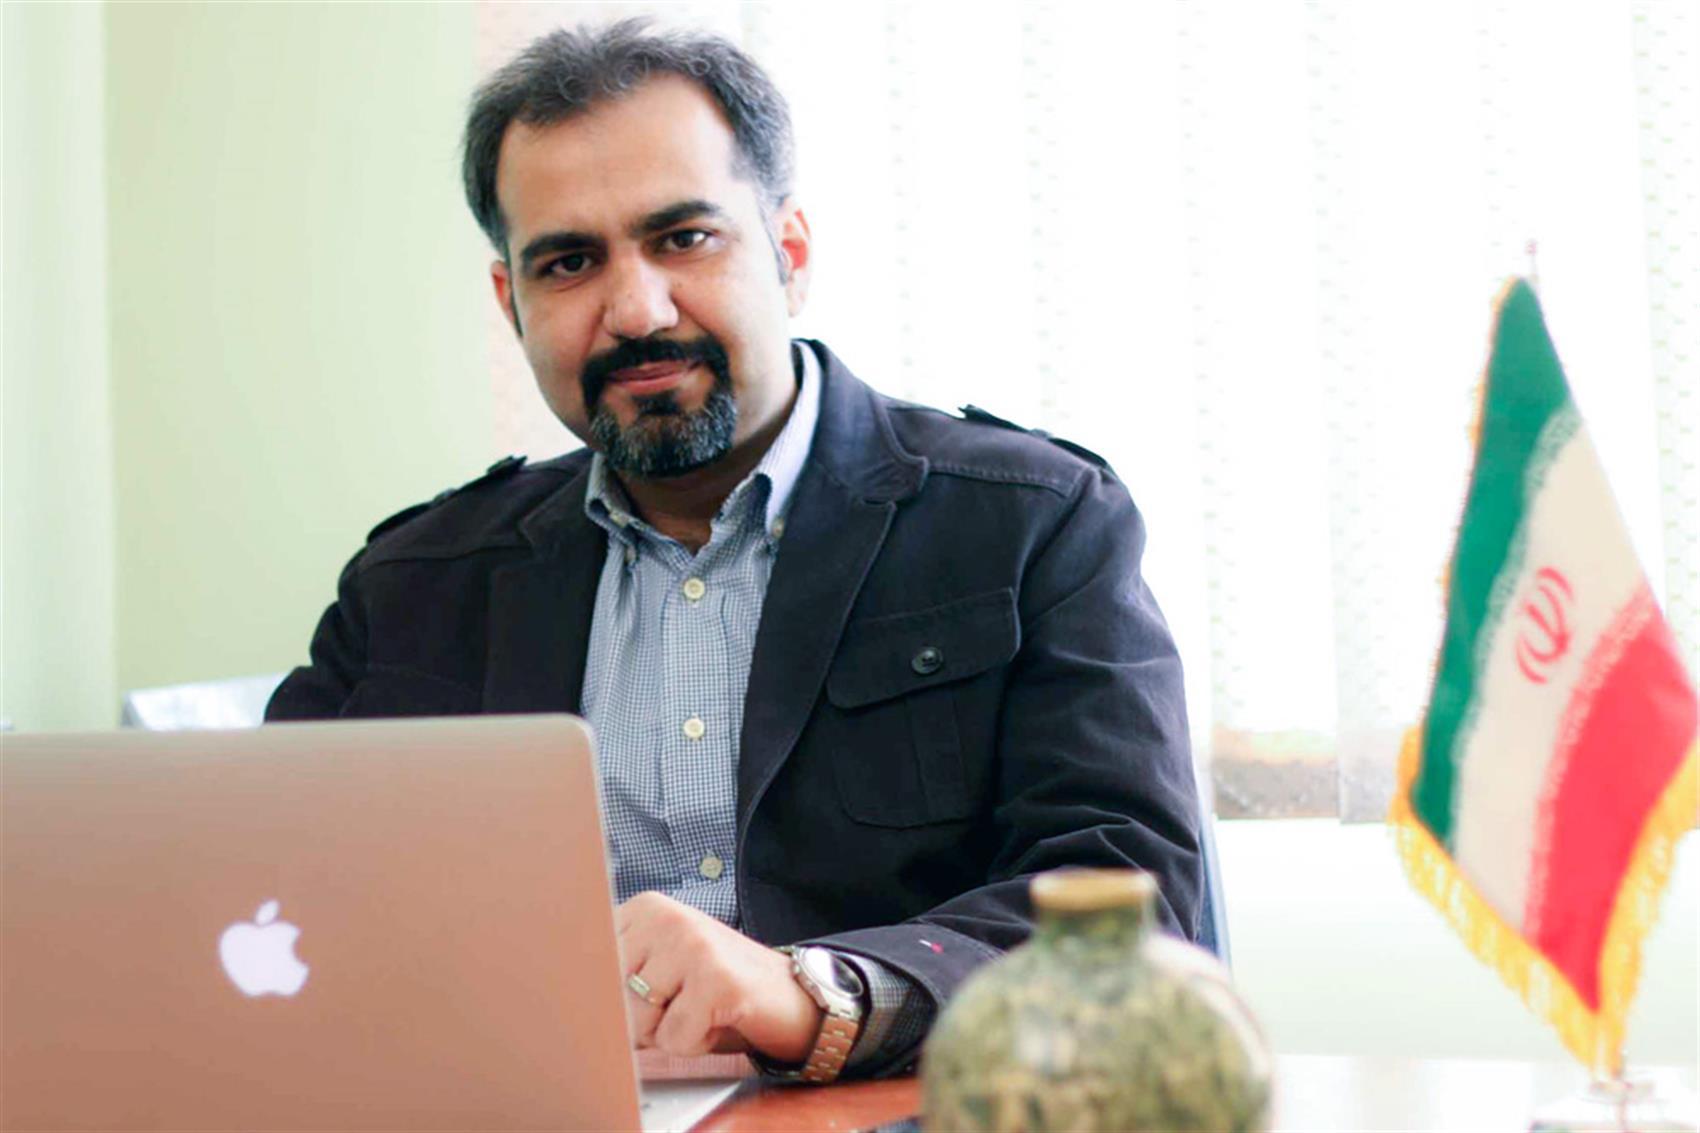 وزیر ارتباطات و فناوری اطلاعات، ناظمی را به عنوان معاون وزیر و رییس سازمان فناوری اطلاعات منصوب کرد